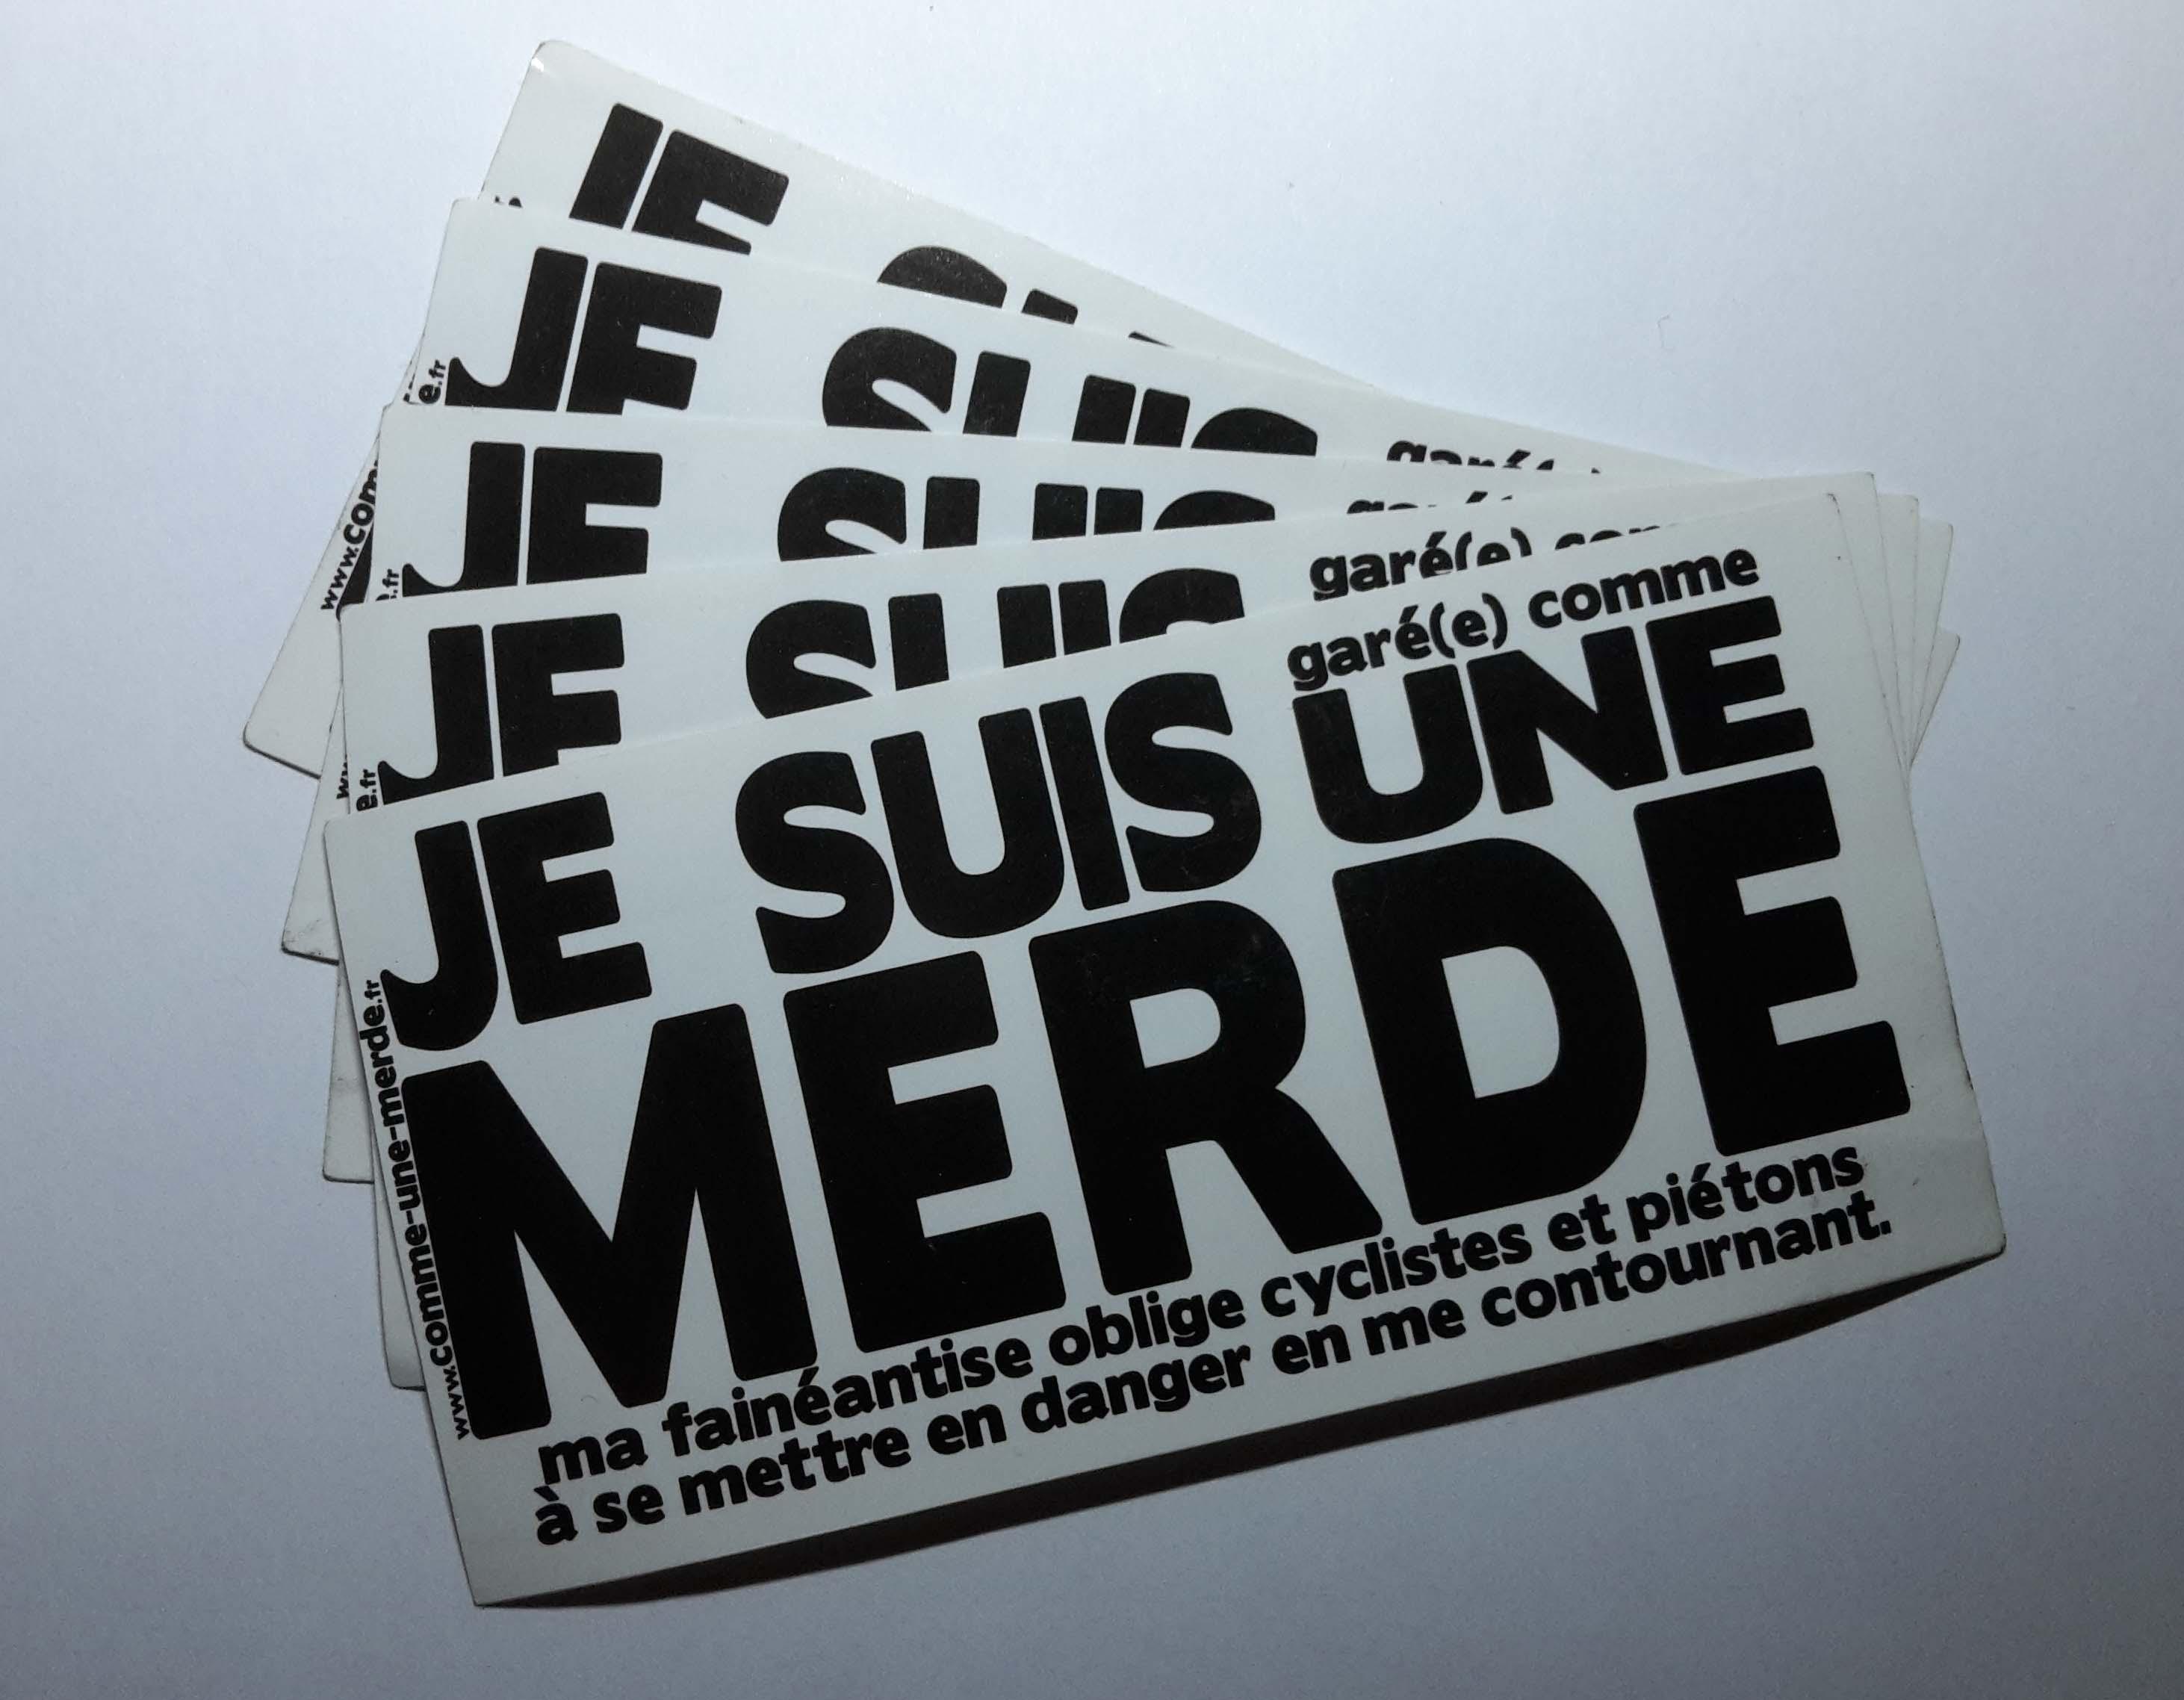 """Des """"collants pour auto"""" qui ne font pas de dommages mais qui soulagent, presque gratuit si vous les imprimez vous-même (sur comme-une-merde.fr), ou à partir de 5 euros les dix (sur garecommeunemerde.fr)."""